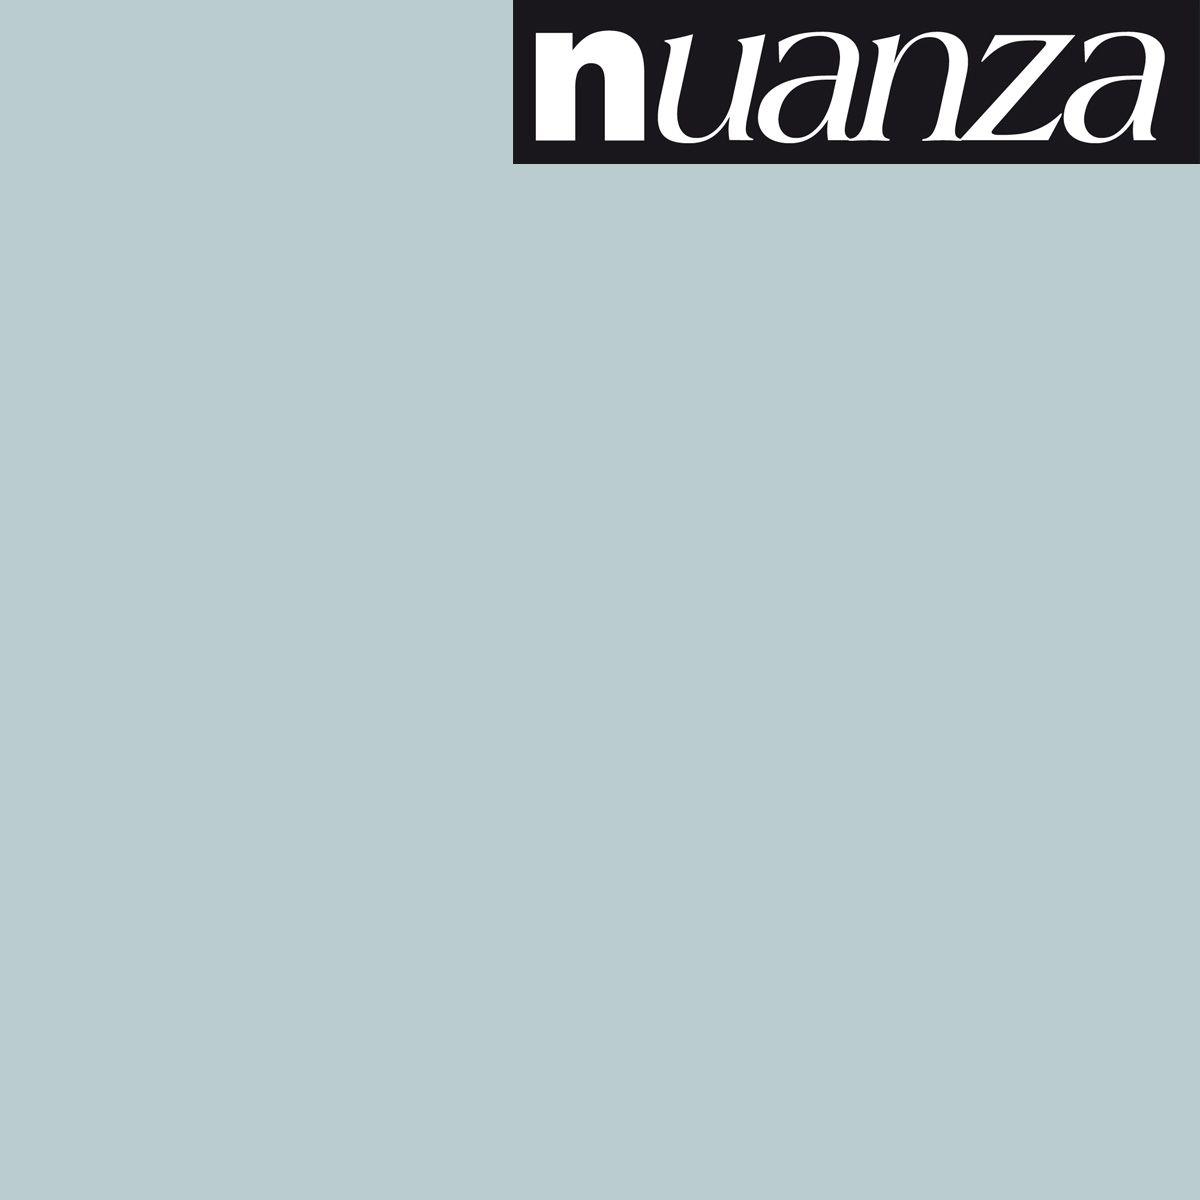 Peinture polaire satin multisupports Nuanza 2.5l